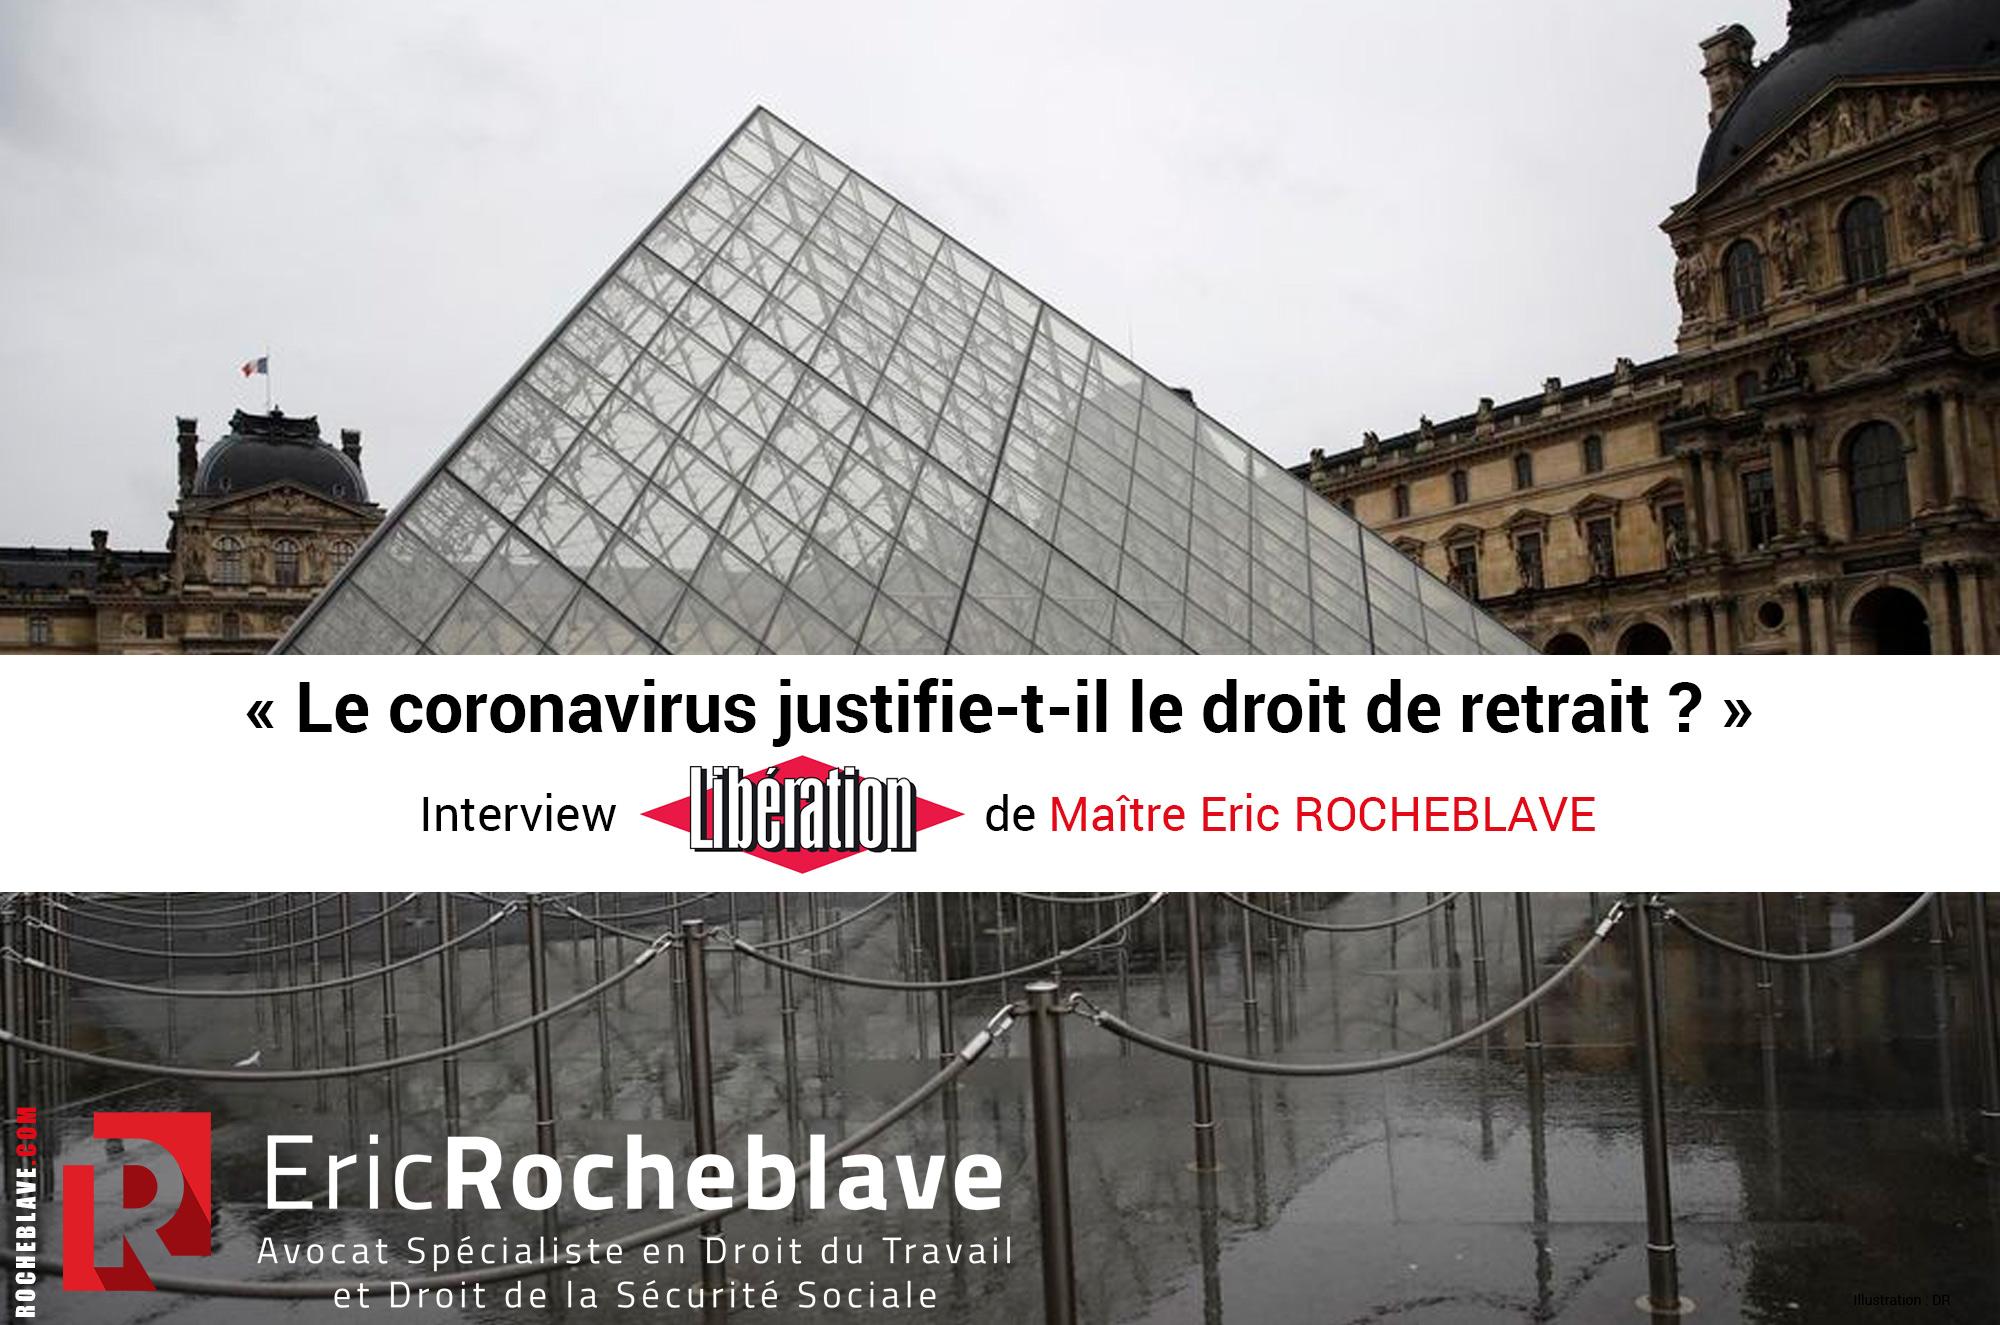 « Le coronavirus justifie-t-il le droit de retrait ? » Interview Libération de Maître Eric ROCHEBLAVE